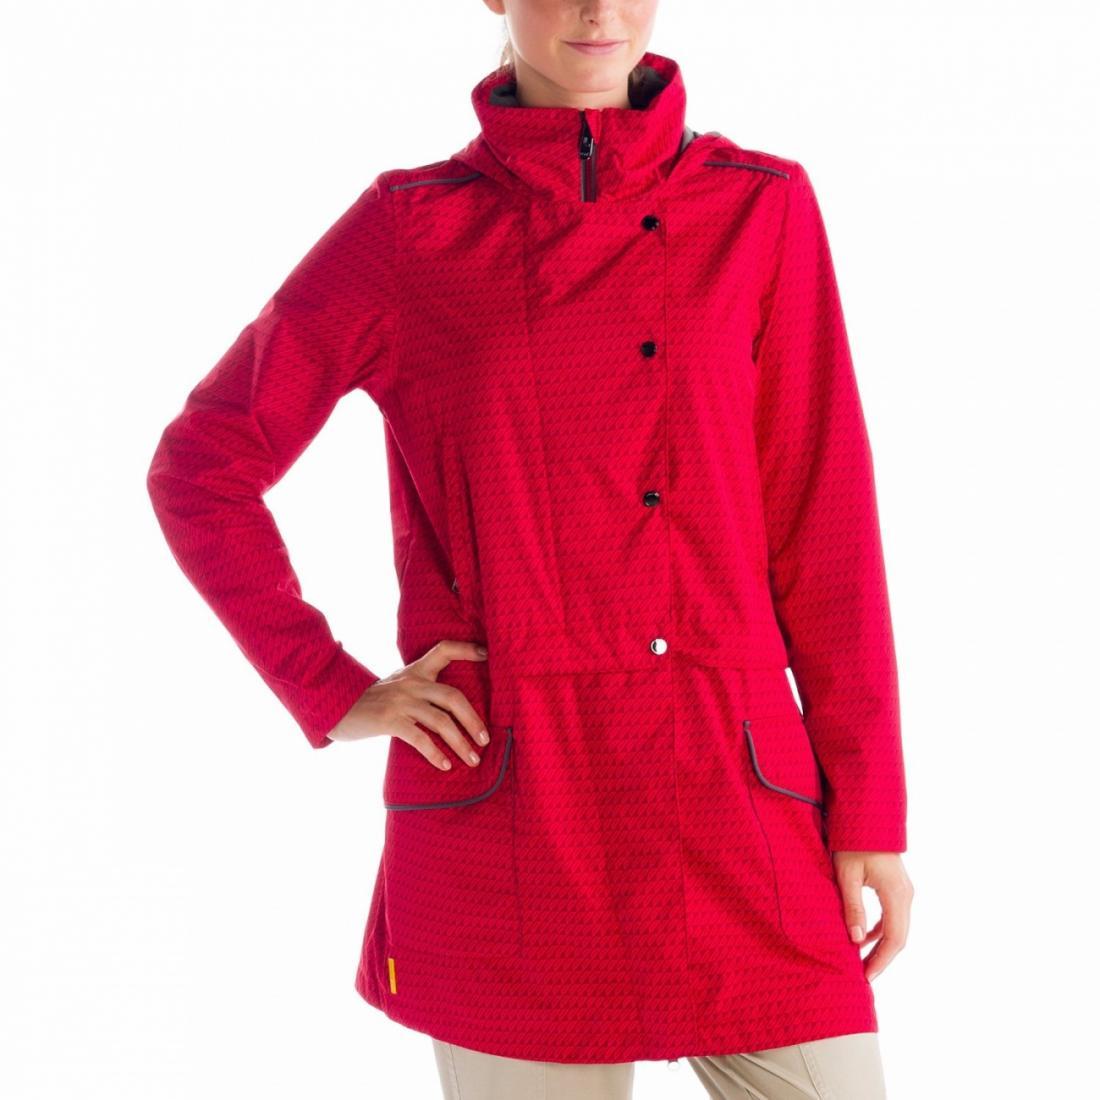 Куртка LUW0222 KENSINGTON JACKETКуртки<br>Спортивная одежда может быть не только функциональной, но и стильной. Отличный тому пример – куртка Kensington Jacket от Lole. Она не только подарит к...<br><br>Цвет: Красный<br>Размер: XS